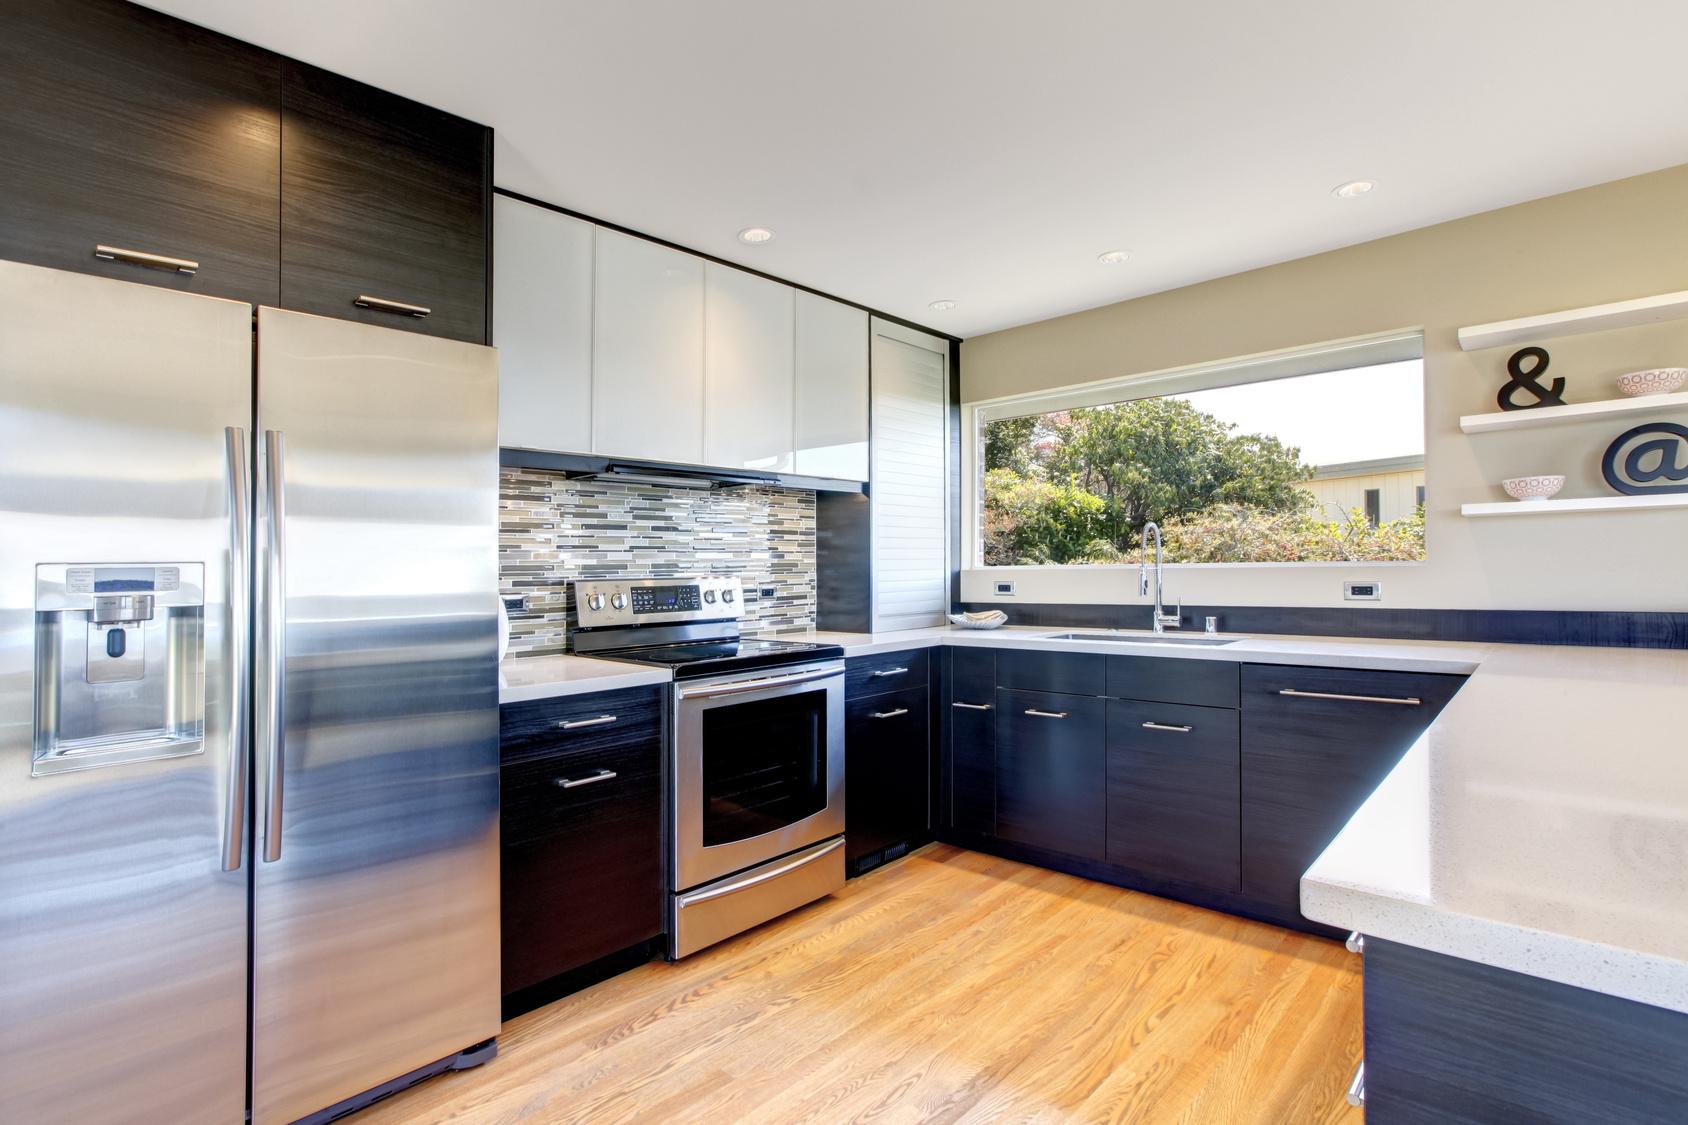 Die U-form Küche - klassische Küchenform mit modernem Stil